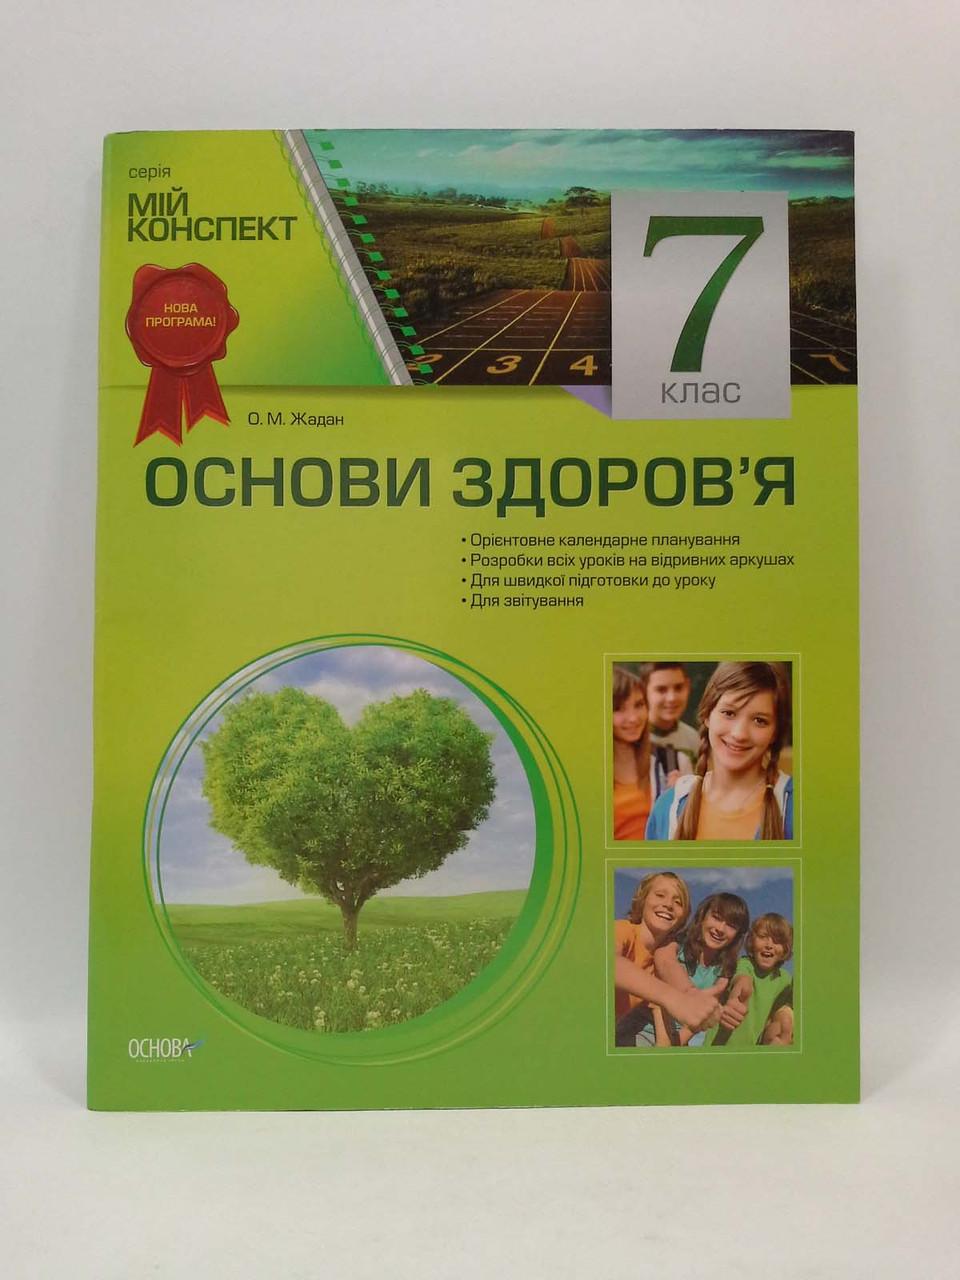 7 клас Основа Мій конспект Розробки уроків Основи здоровя 7 клас Жадан